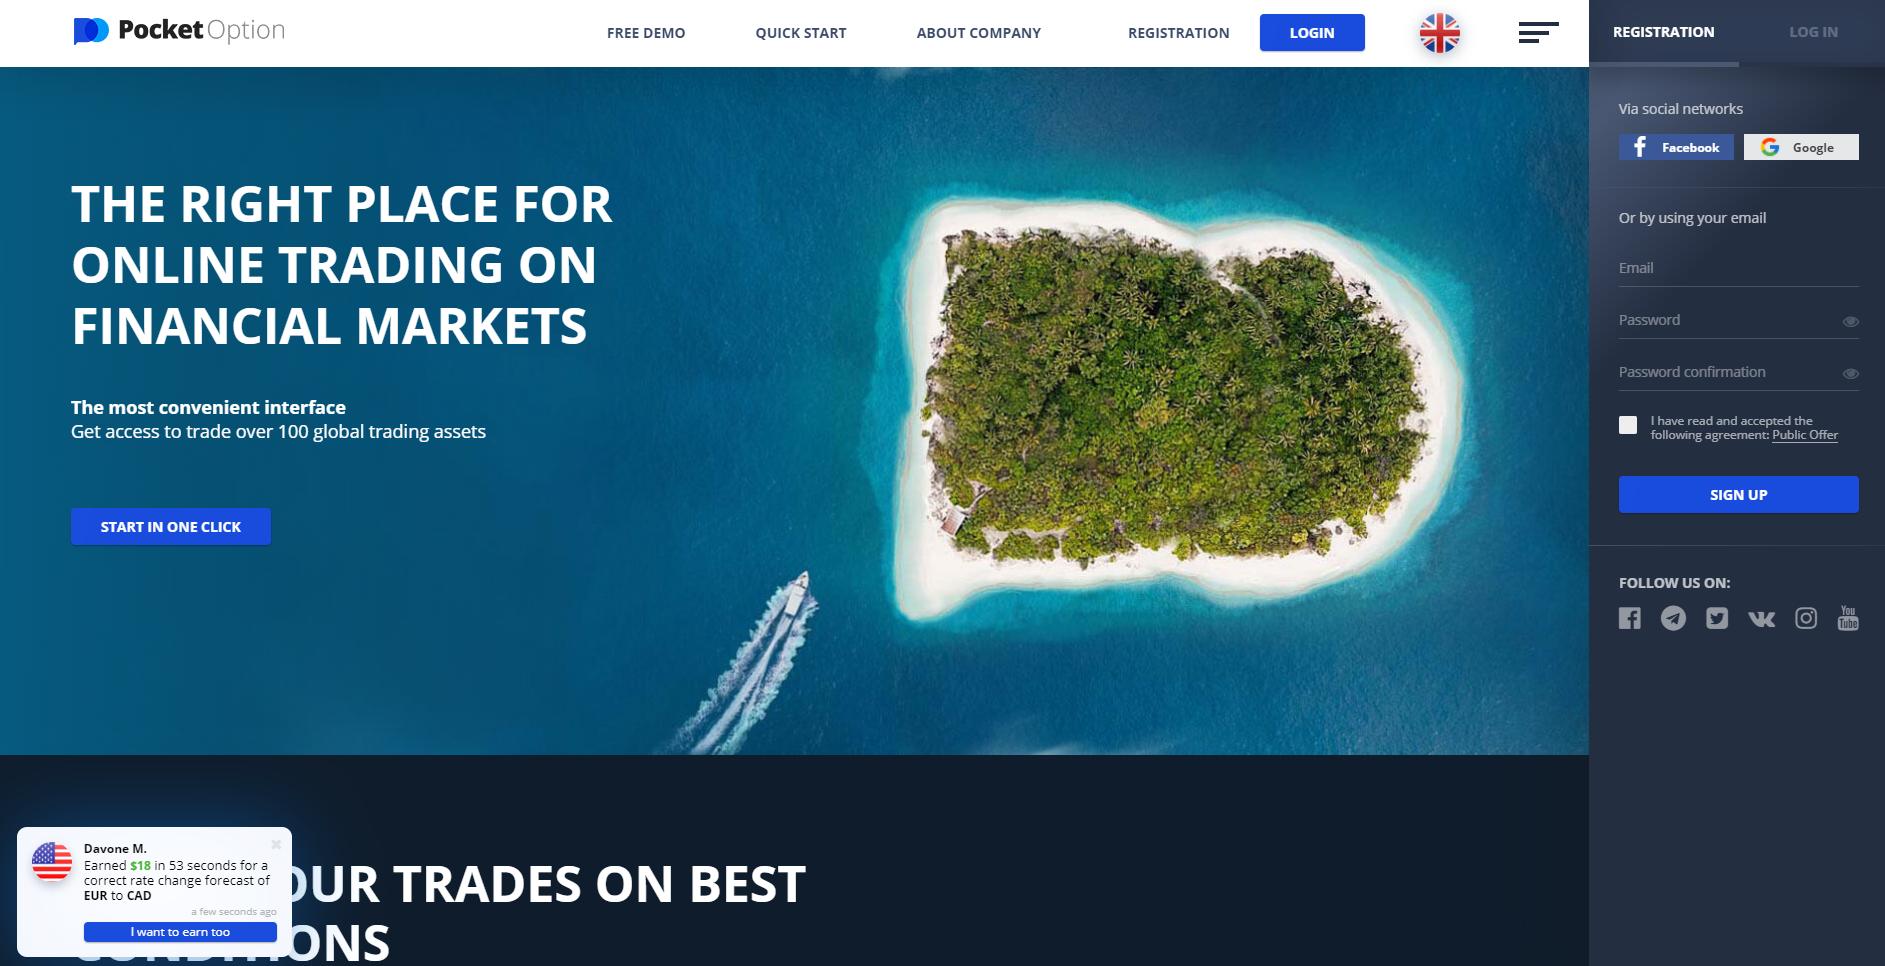 Official website of Pocket Option